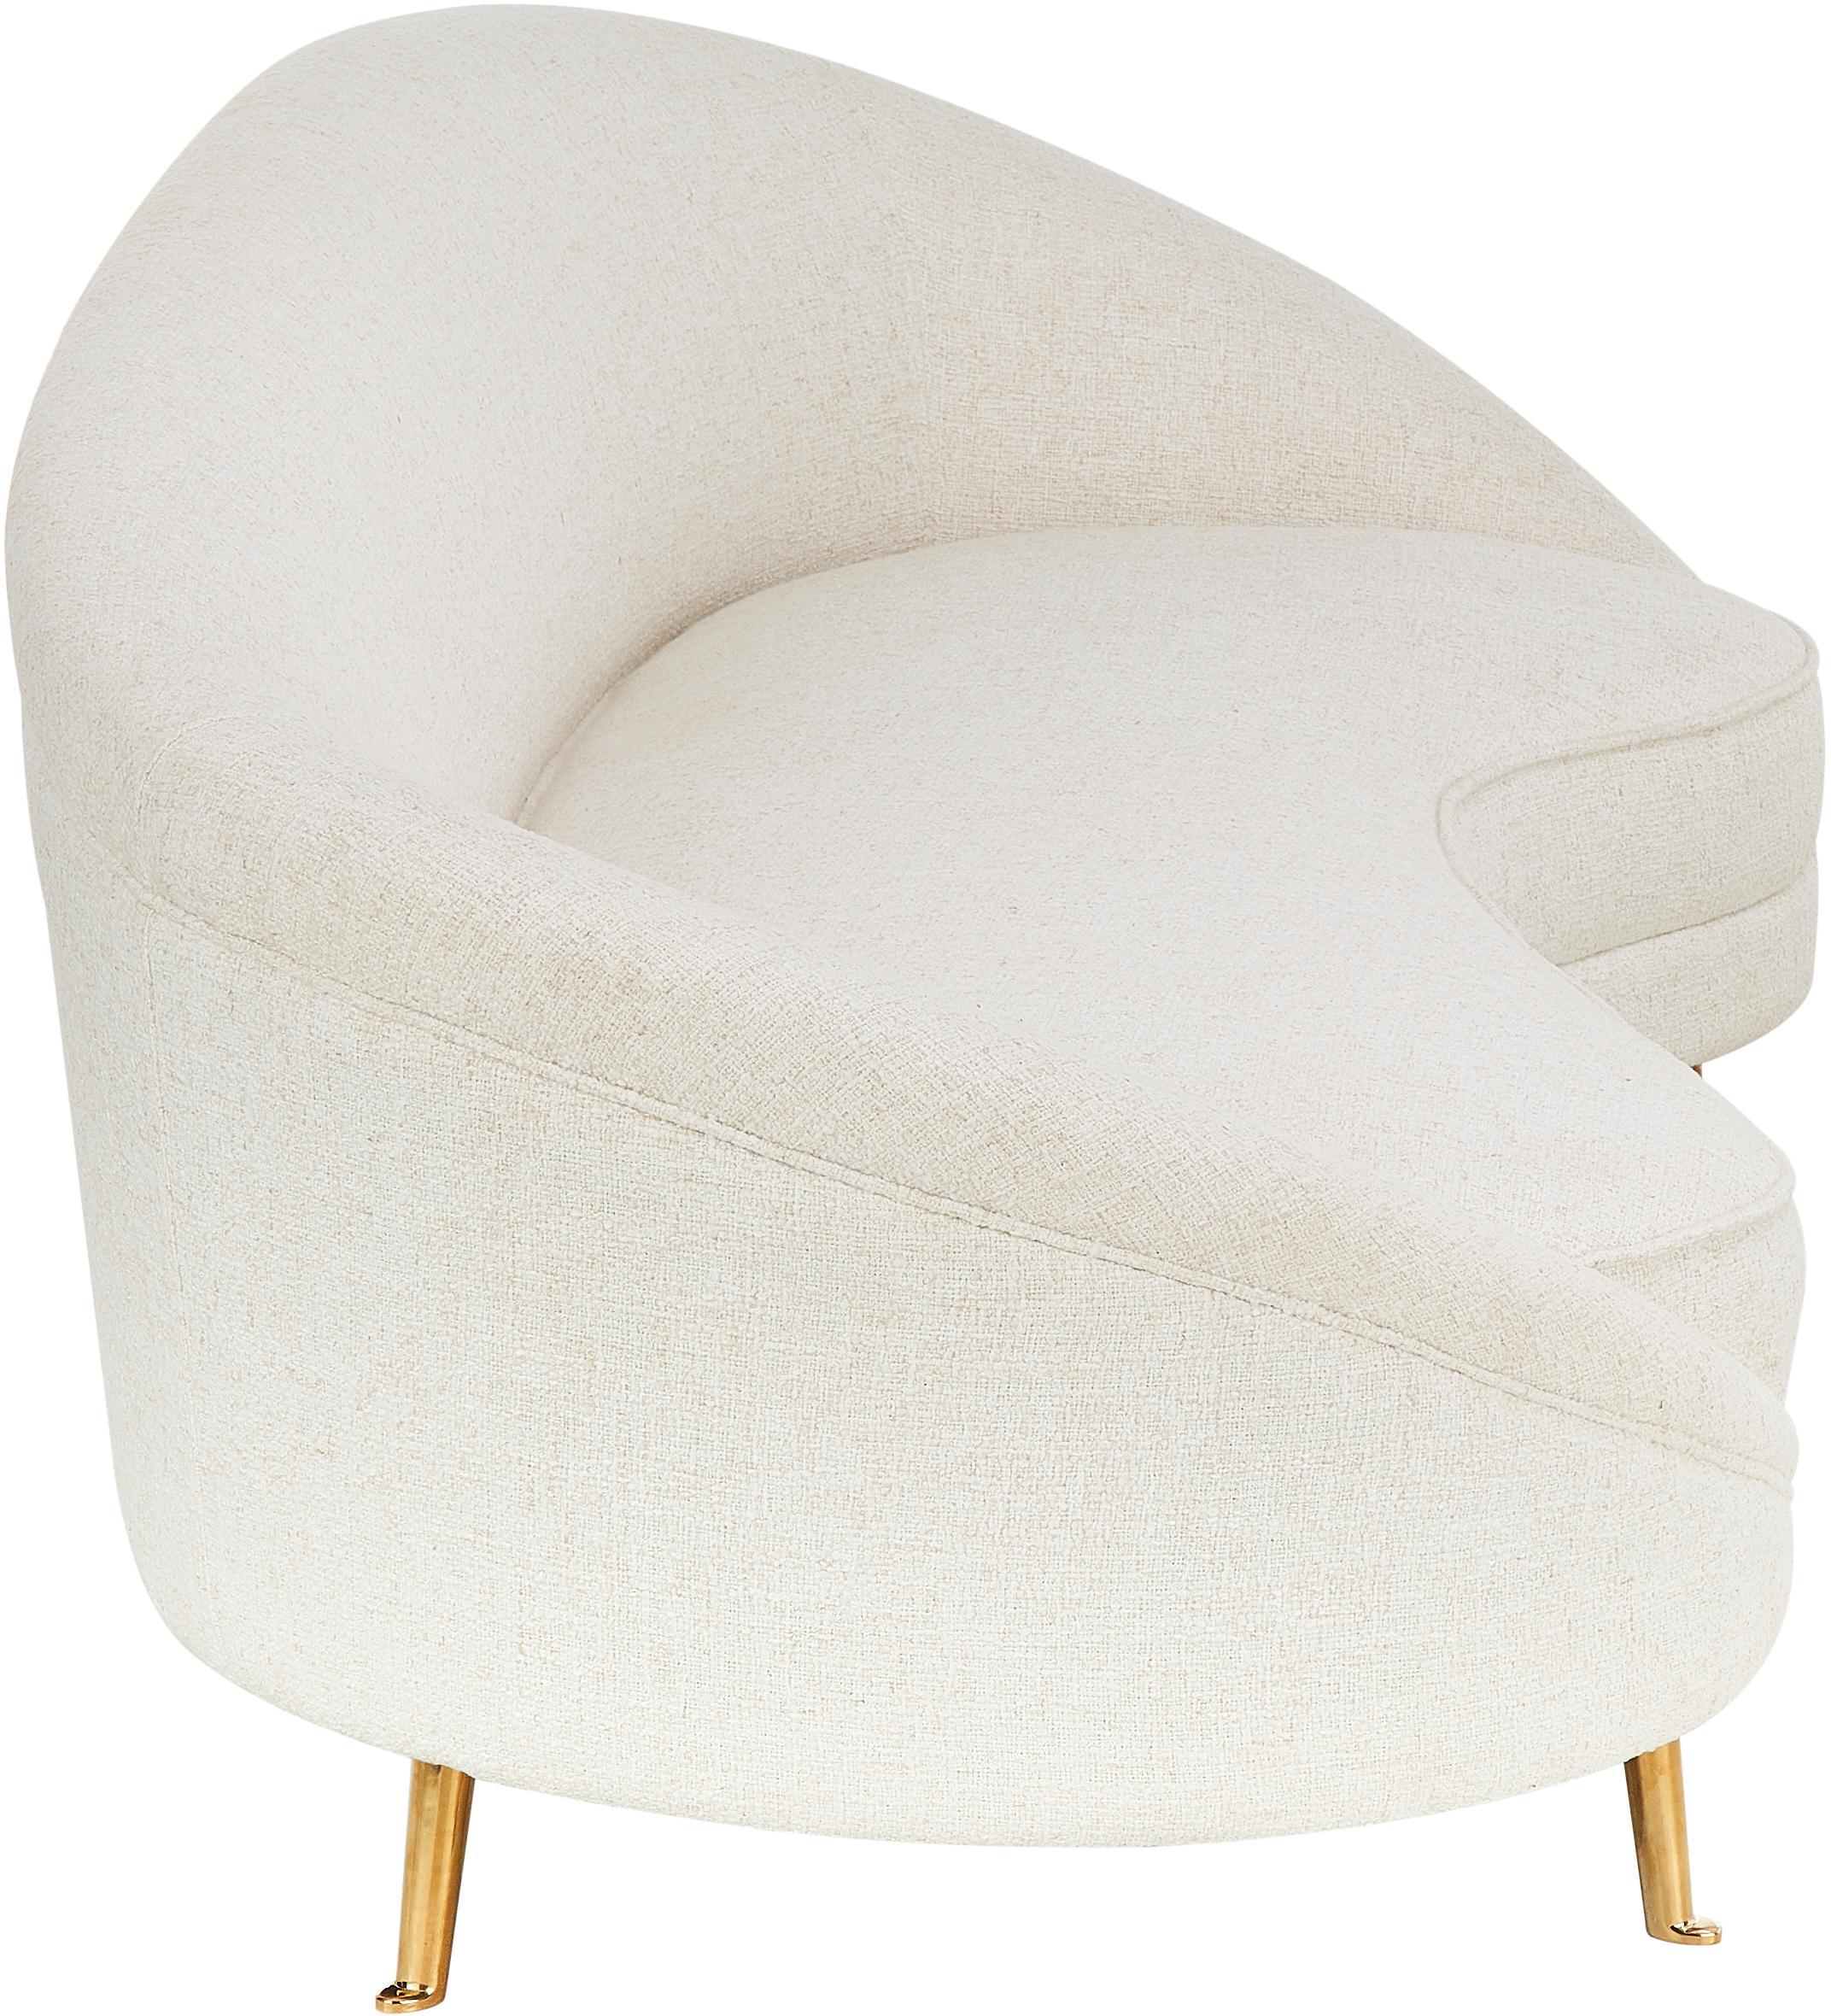 Sofá de tejido bouclé Gatsby (3plazas), Tapizado: tejido bouclé (70%poliés, Estructura: madera de eucalipto maciz, Patas: metal galvanizado, Tapizado: beige Patas: dorado brillante, An 245 x F 102 cm